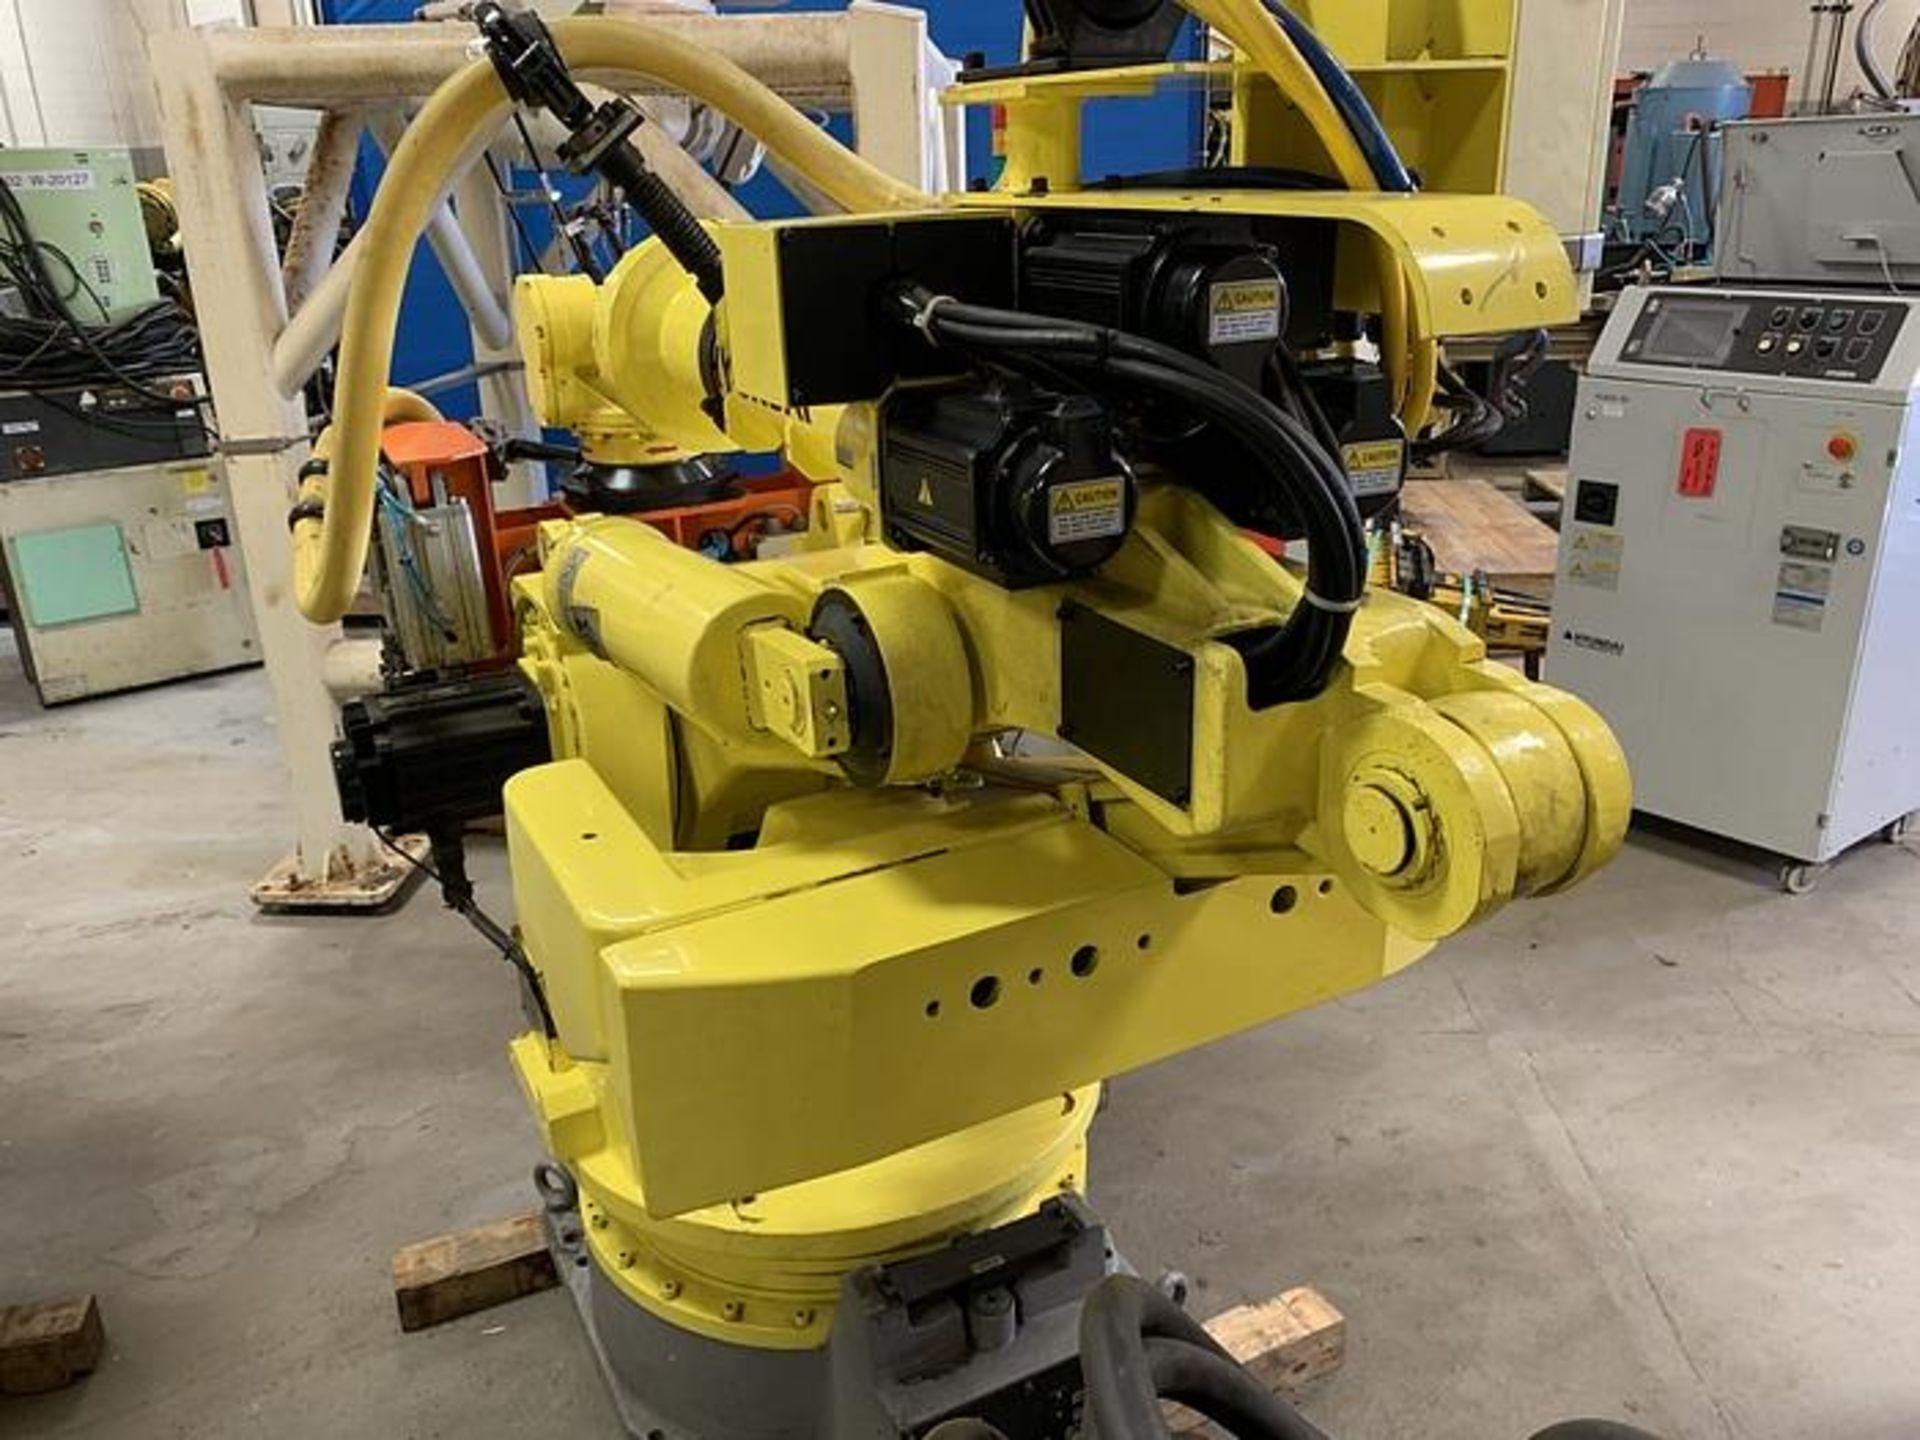 HYUNDIA MODEL HX400 400KG X 2573MM Hi5-N80U CONT. 6 AXIS CNC ROBOT, YEAR 2012, SN HB35-054-572 - Image 2 of 21